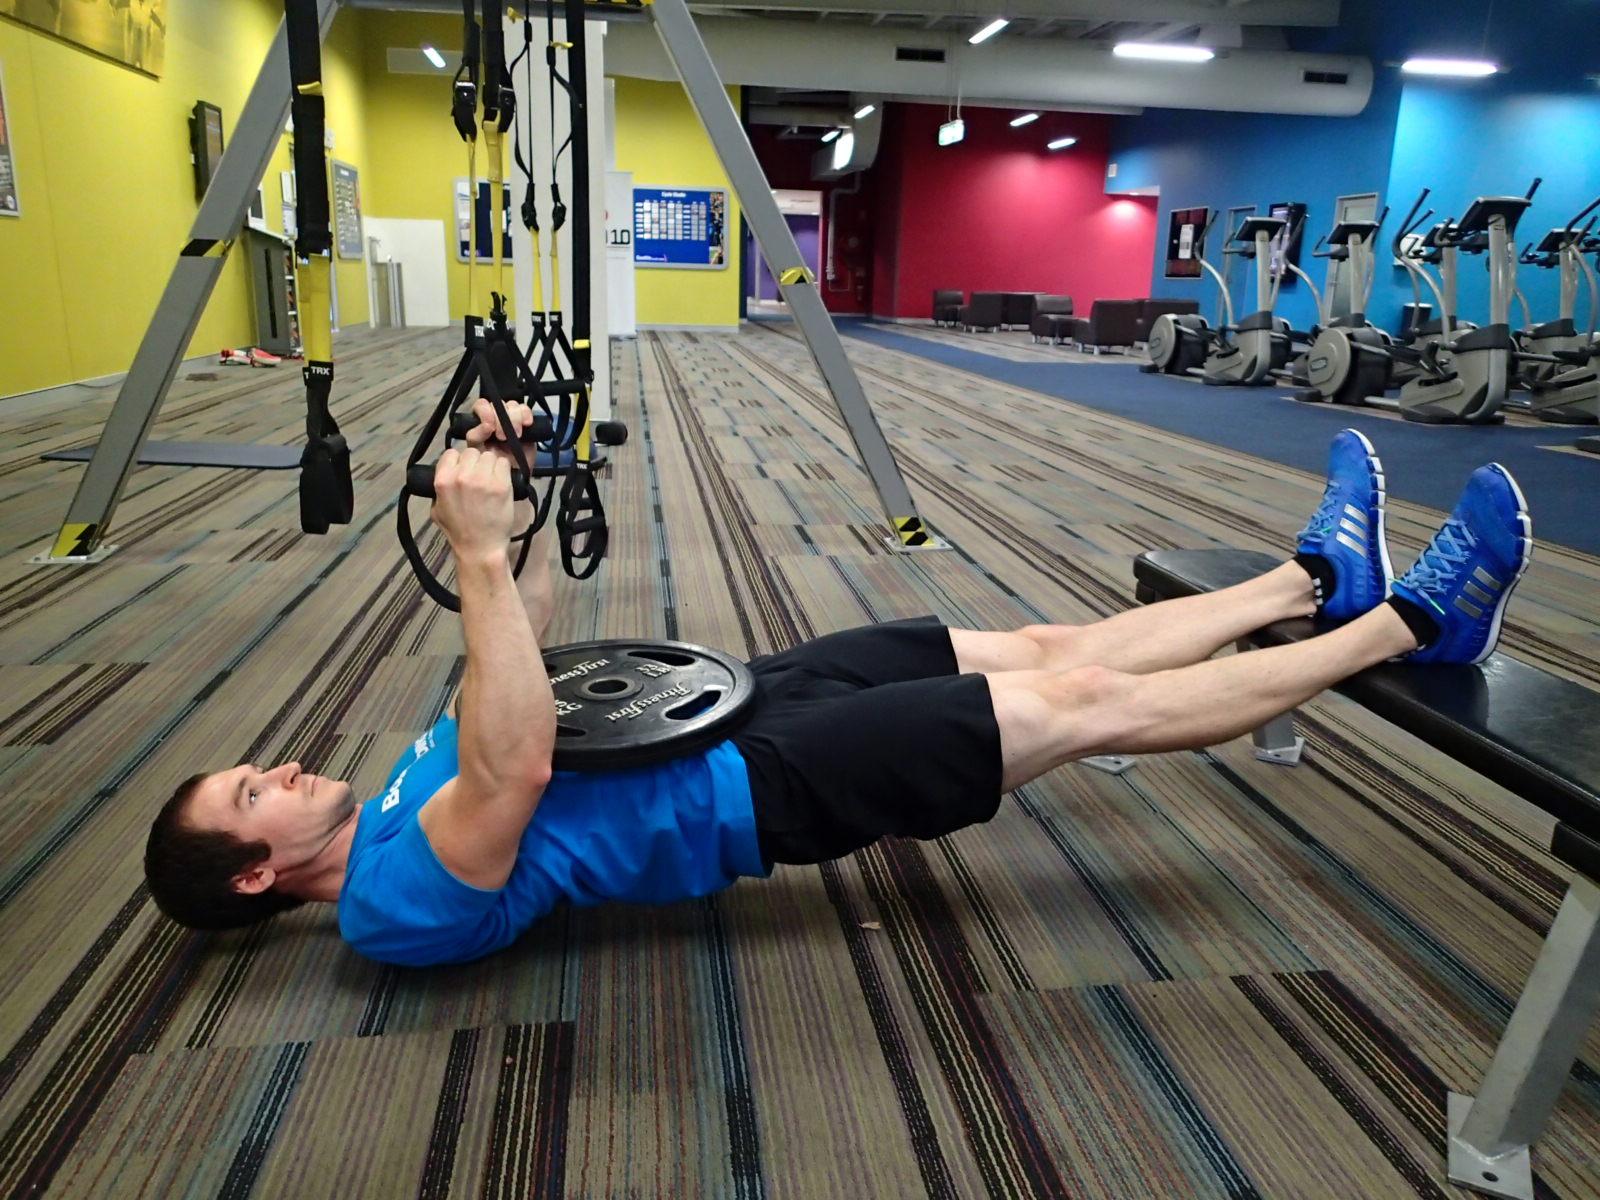 Inverted Row (Suspension Trainer) - Legs Elevated